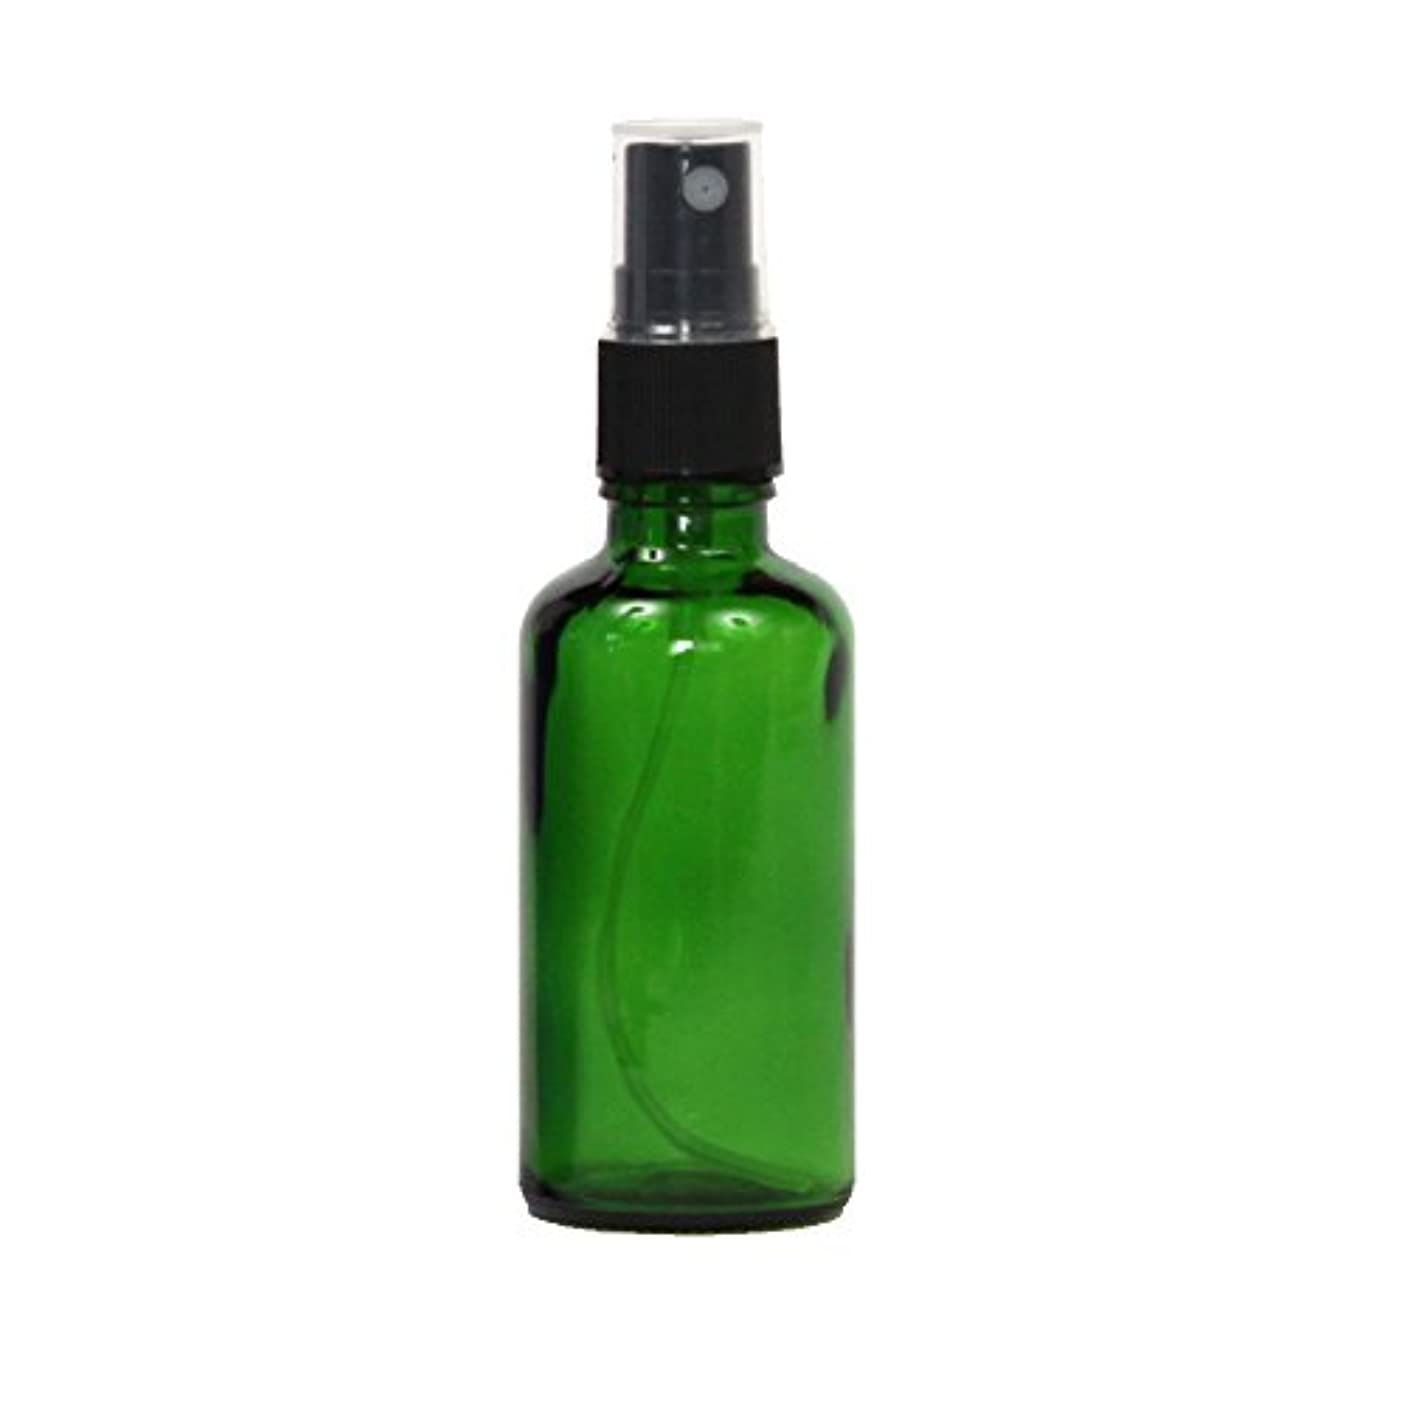 盆講堂媒染剤スプレーボトル容器 ガラス瓶 50mL 遮光性グリーン ガラスアトマイザー 空容器gr50g